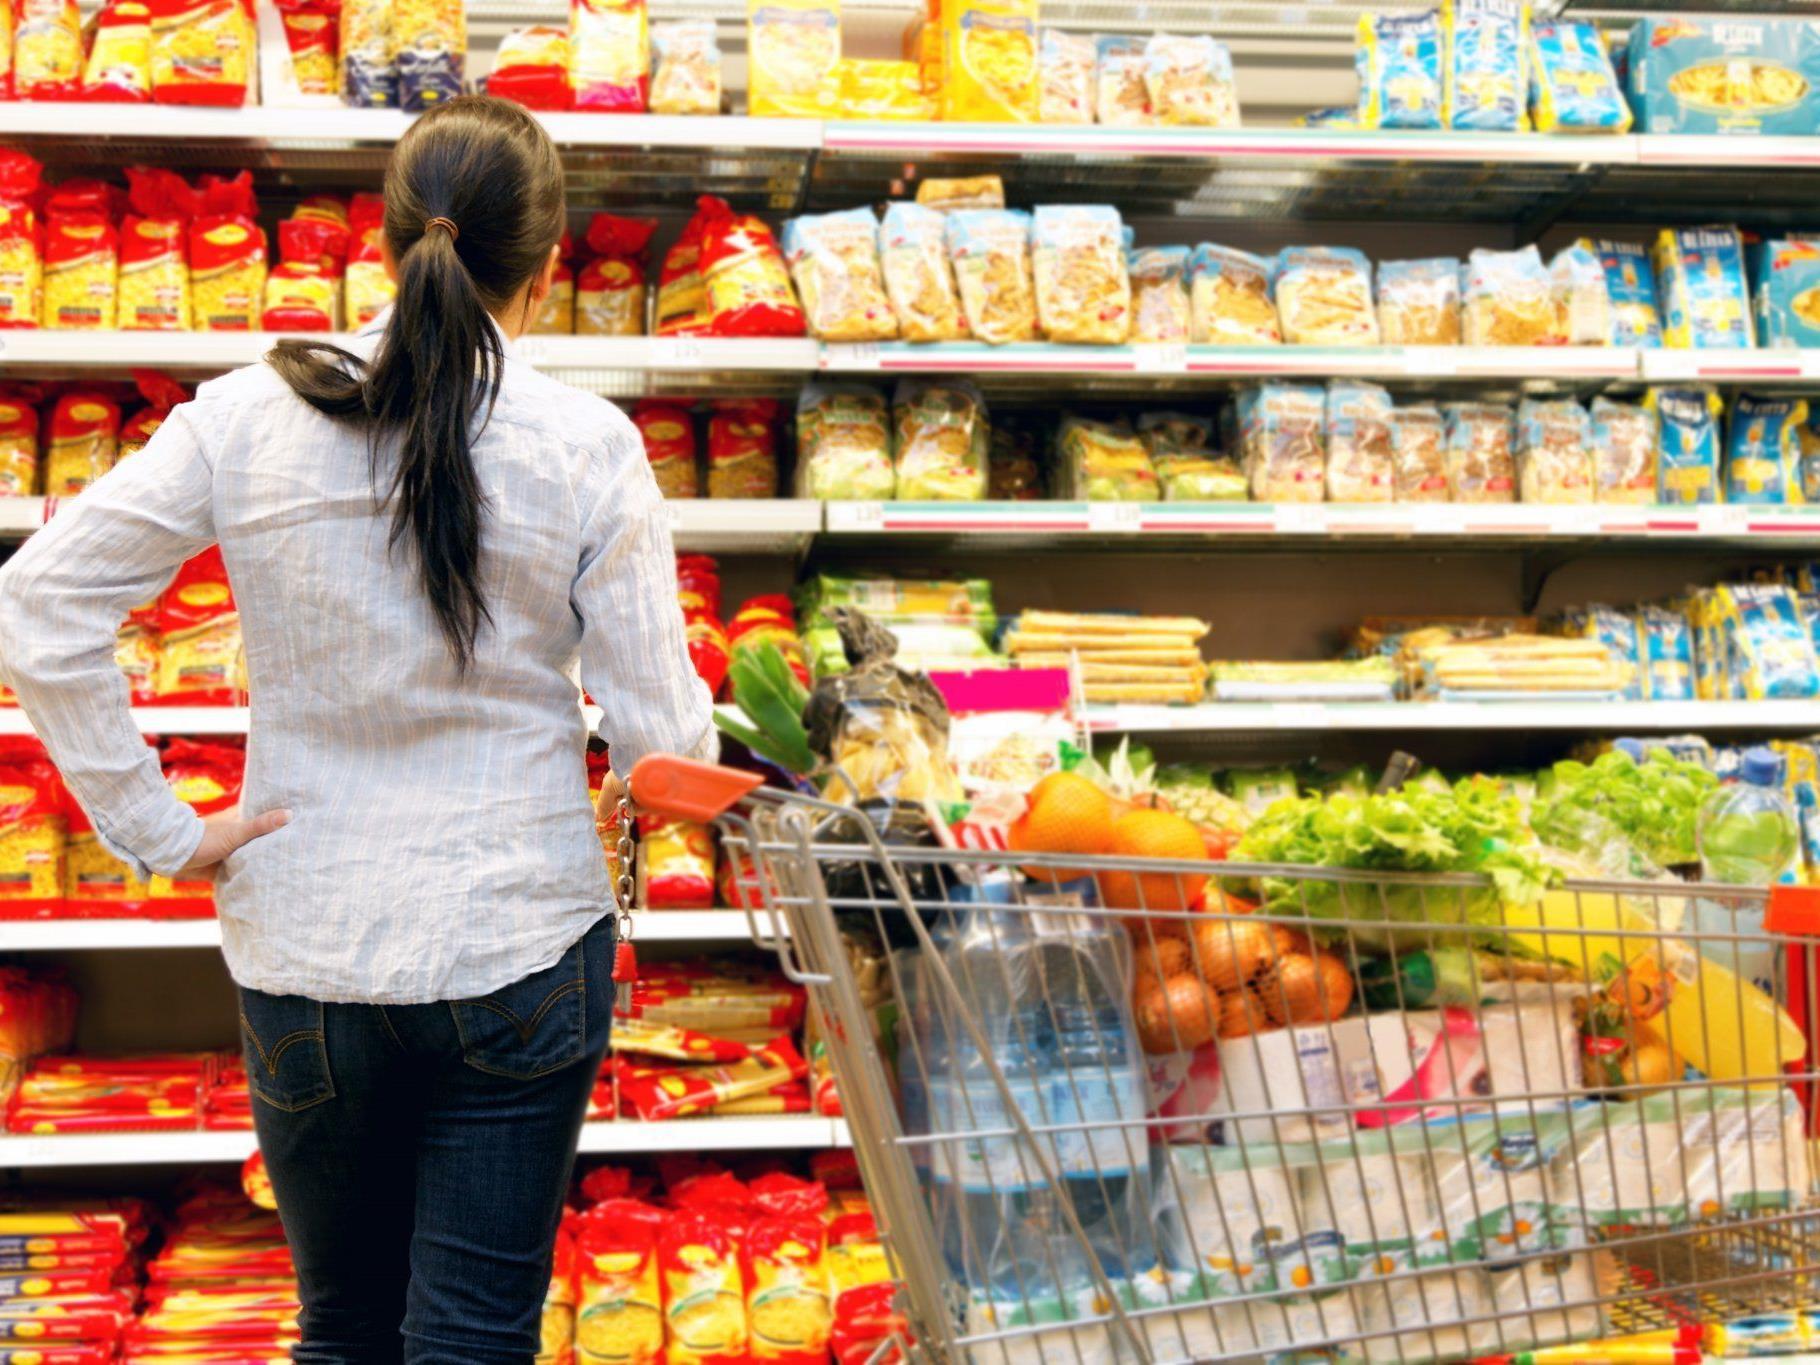 Gefühl hoher Inflation hängt laut Experte Tomaselli auch mit Kaufverhalten zusammen.